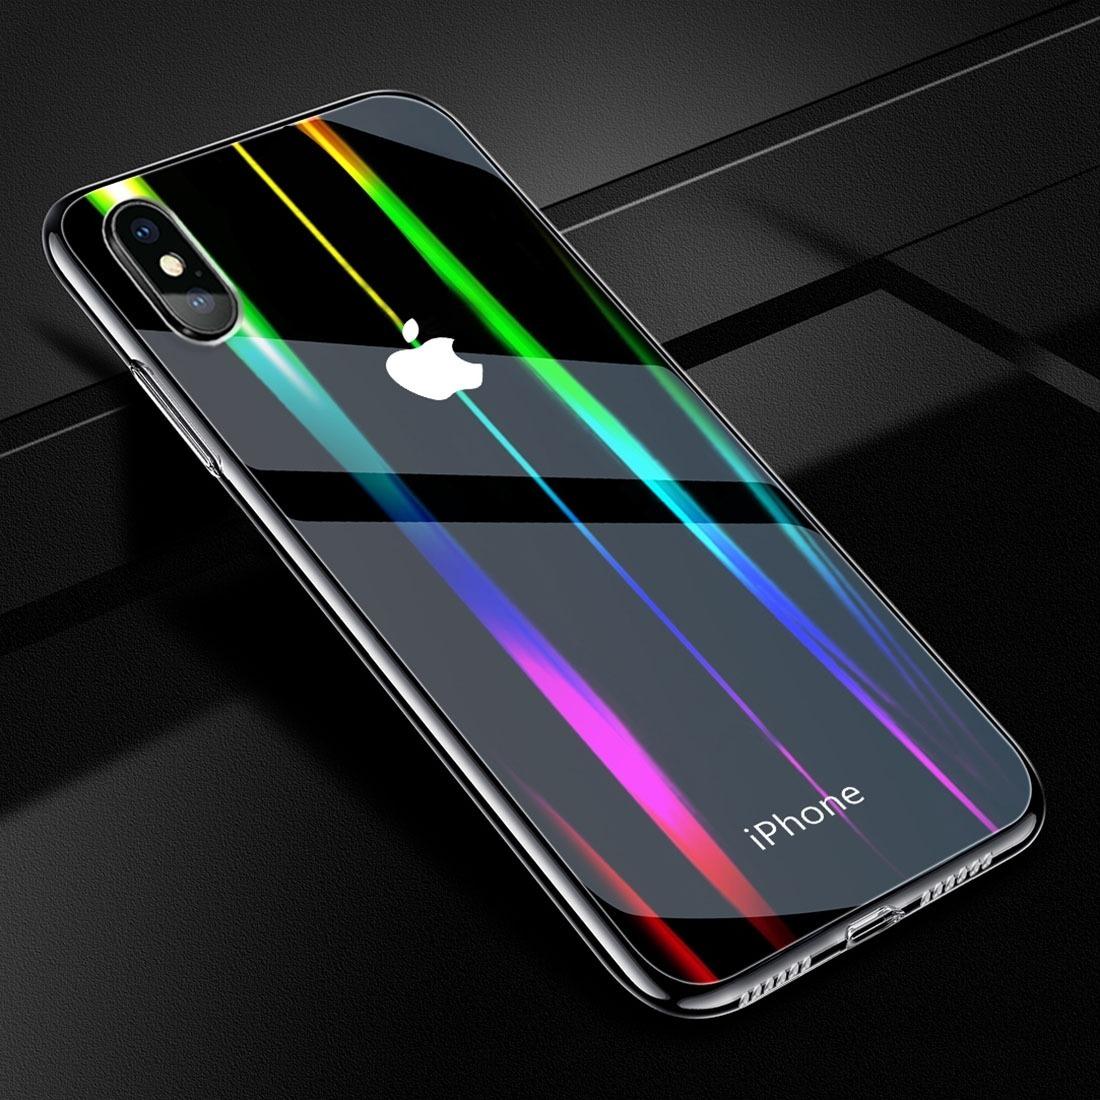 Fundas iPhone X: las 17 mejores para darle estilo a tu nuevo iPhone